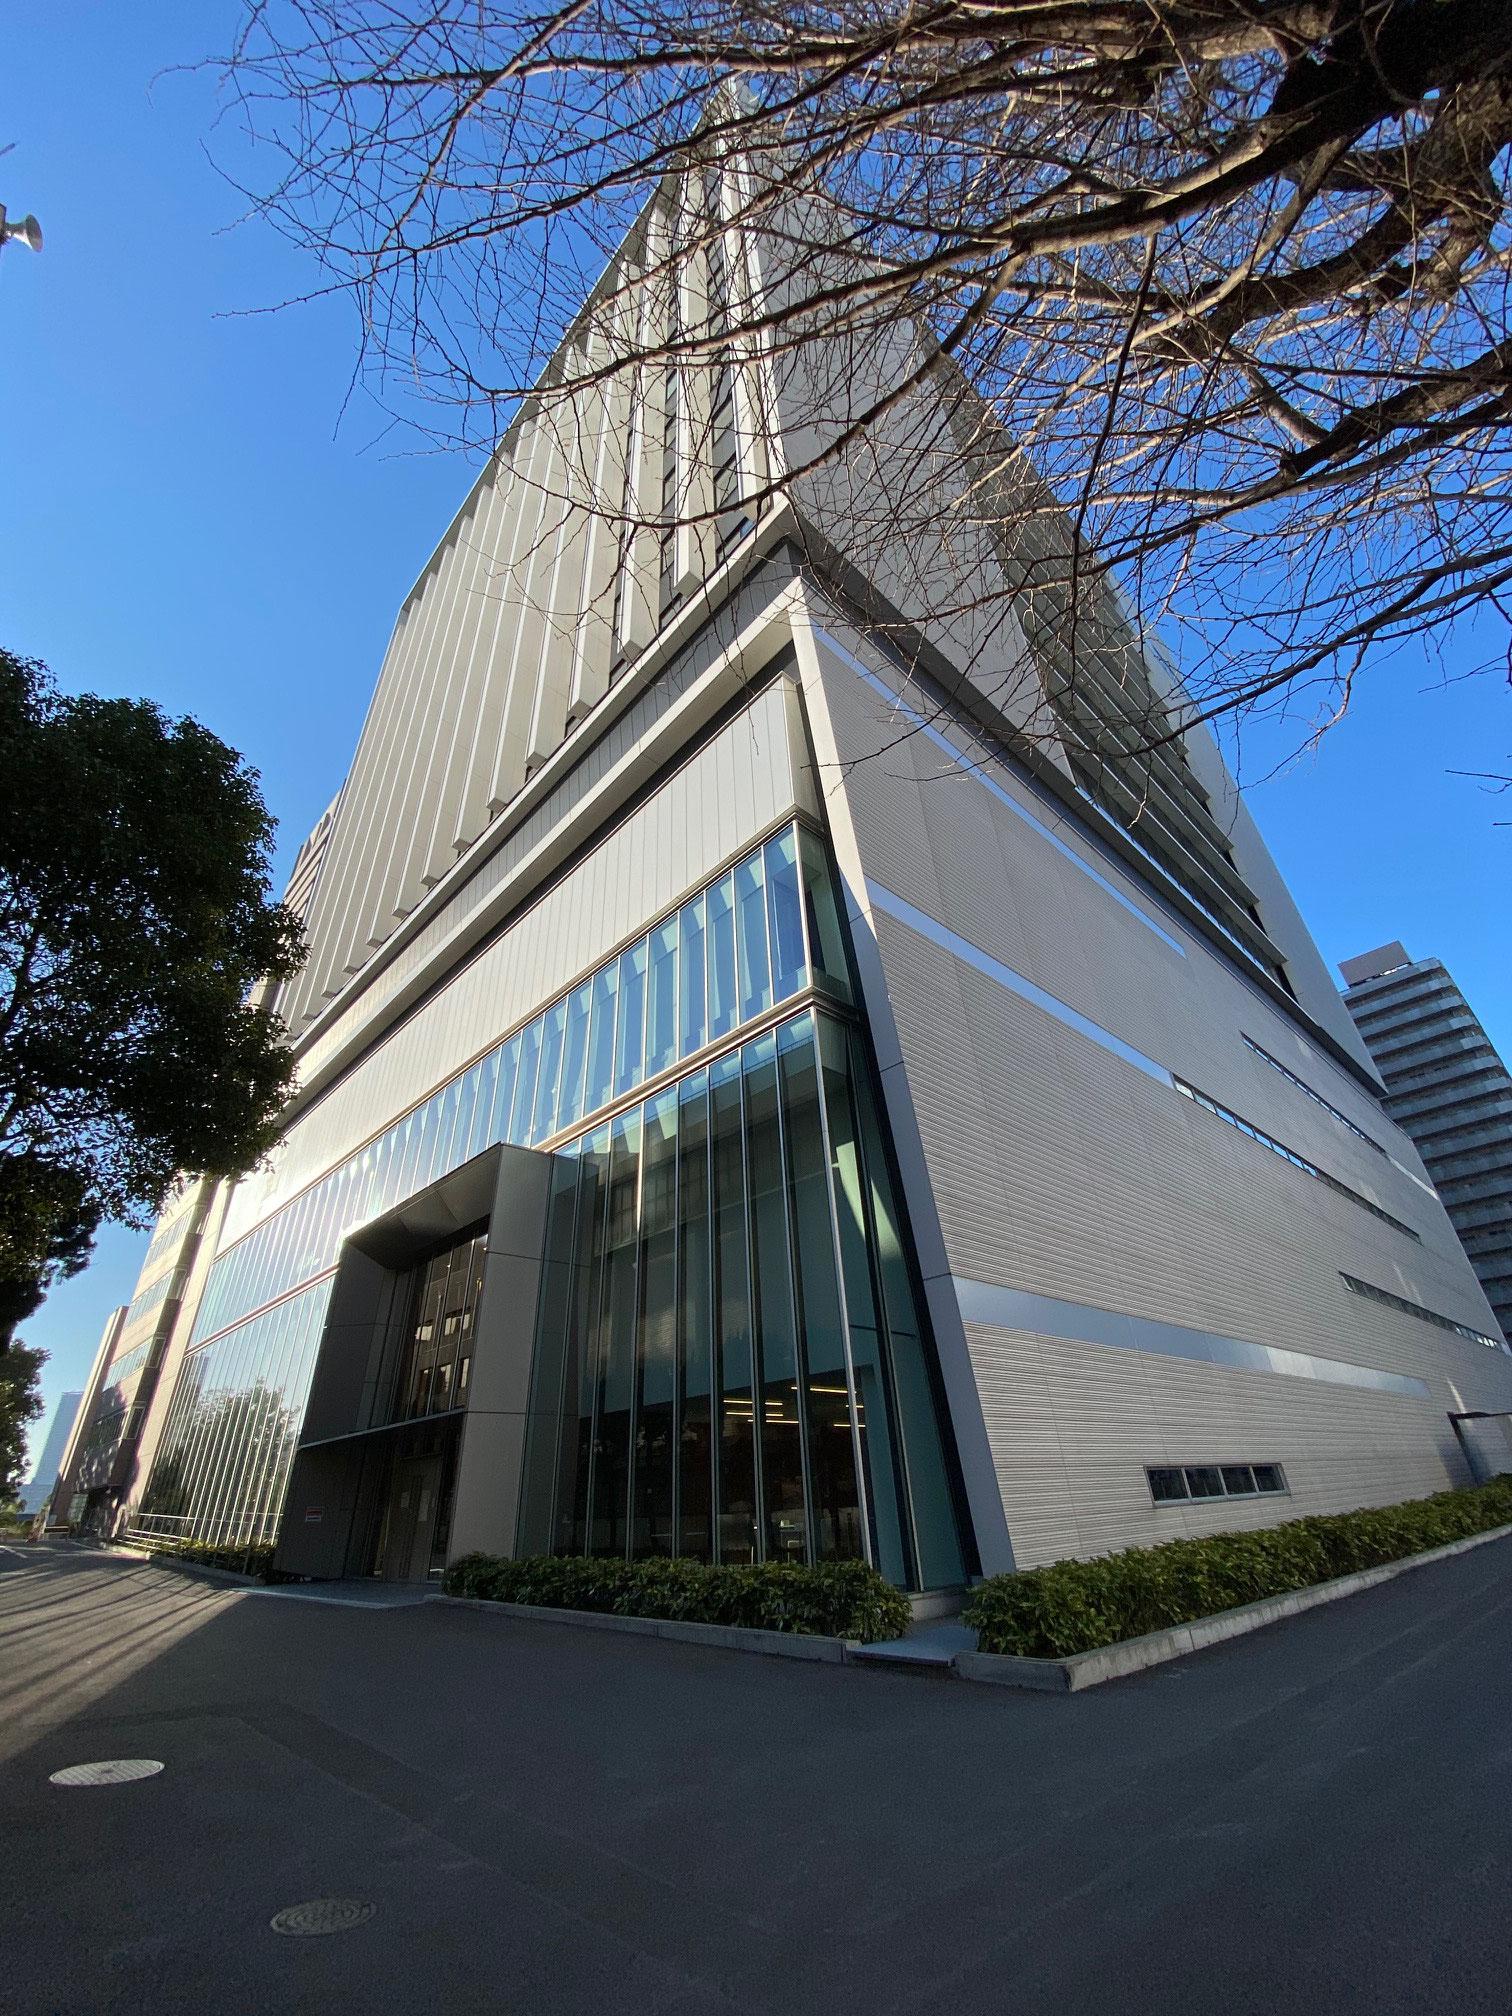 本部会場は日本WHO-FIC協力センターの一翼を担い各種医療従事者研修のメッカでもある国立がん研究センター研究棟